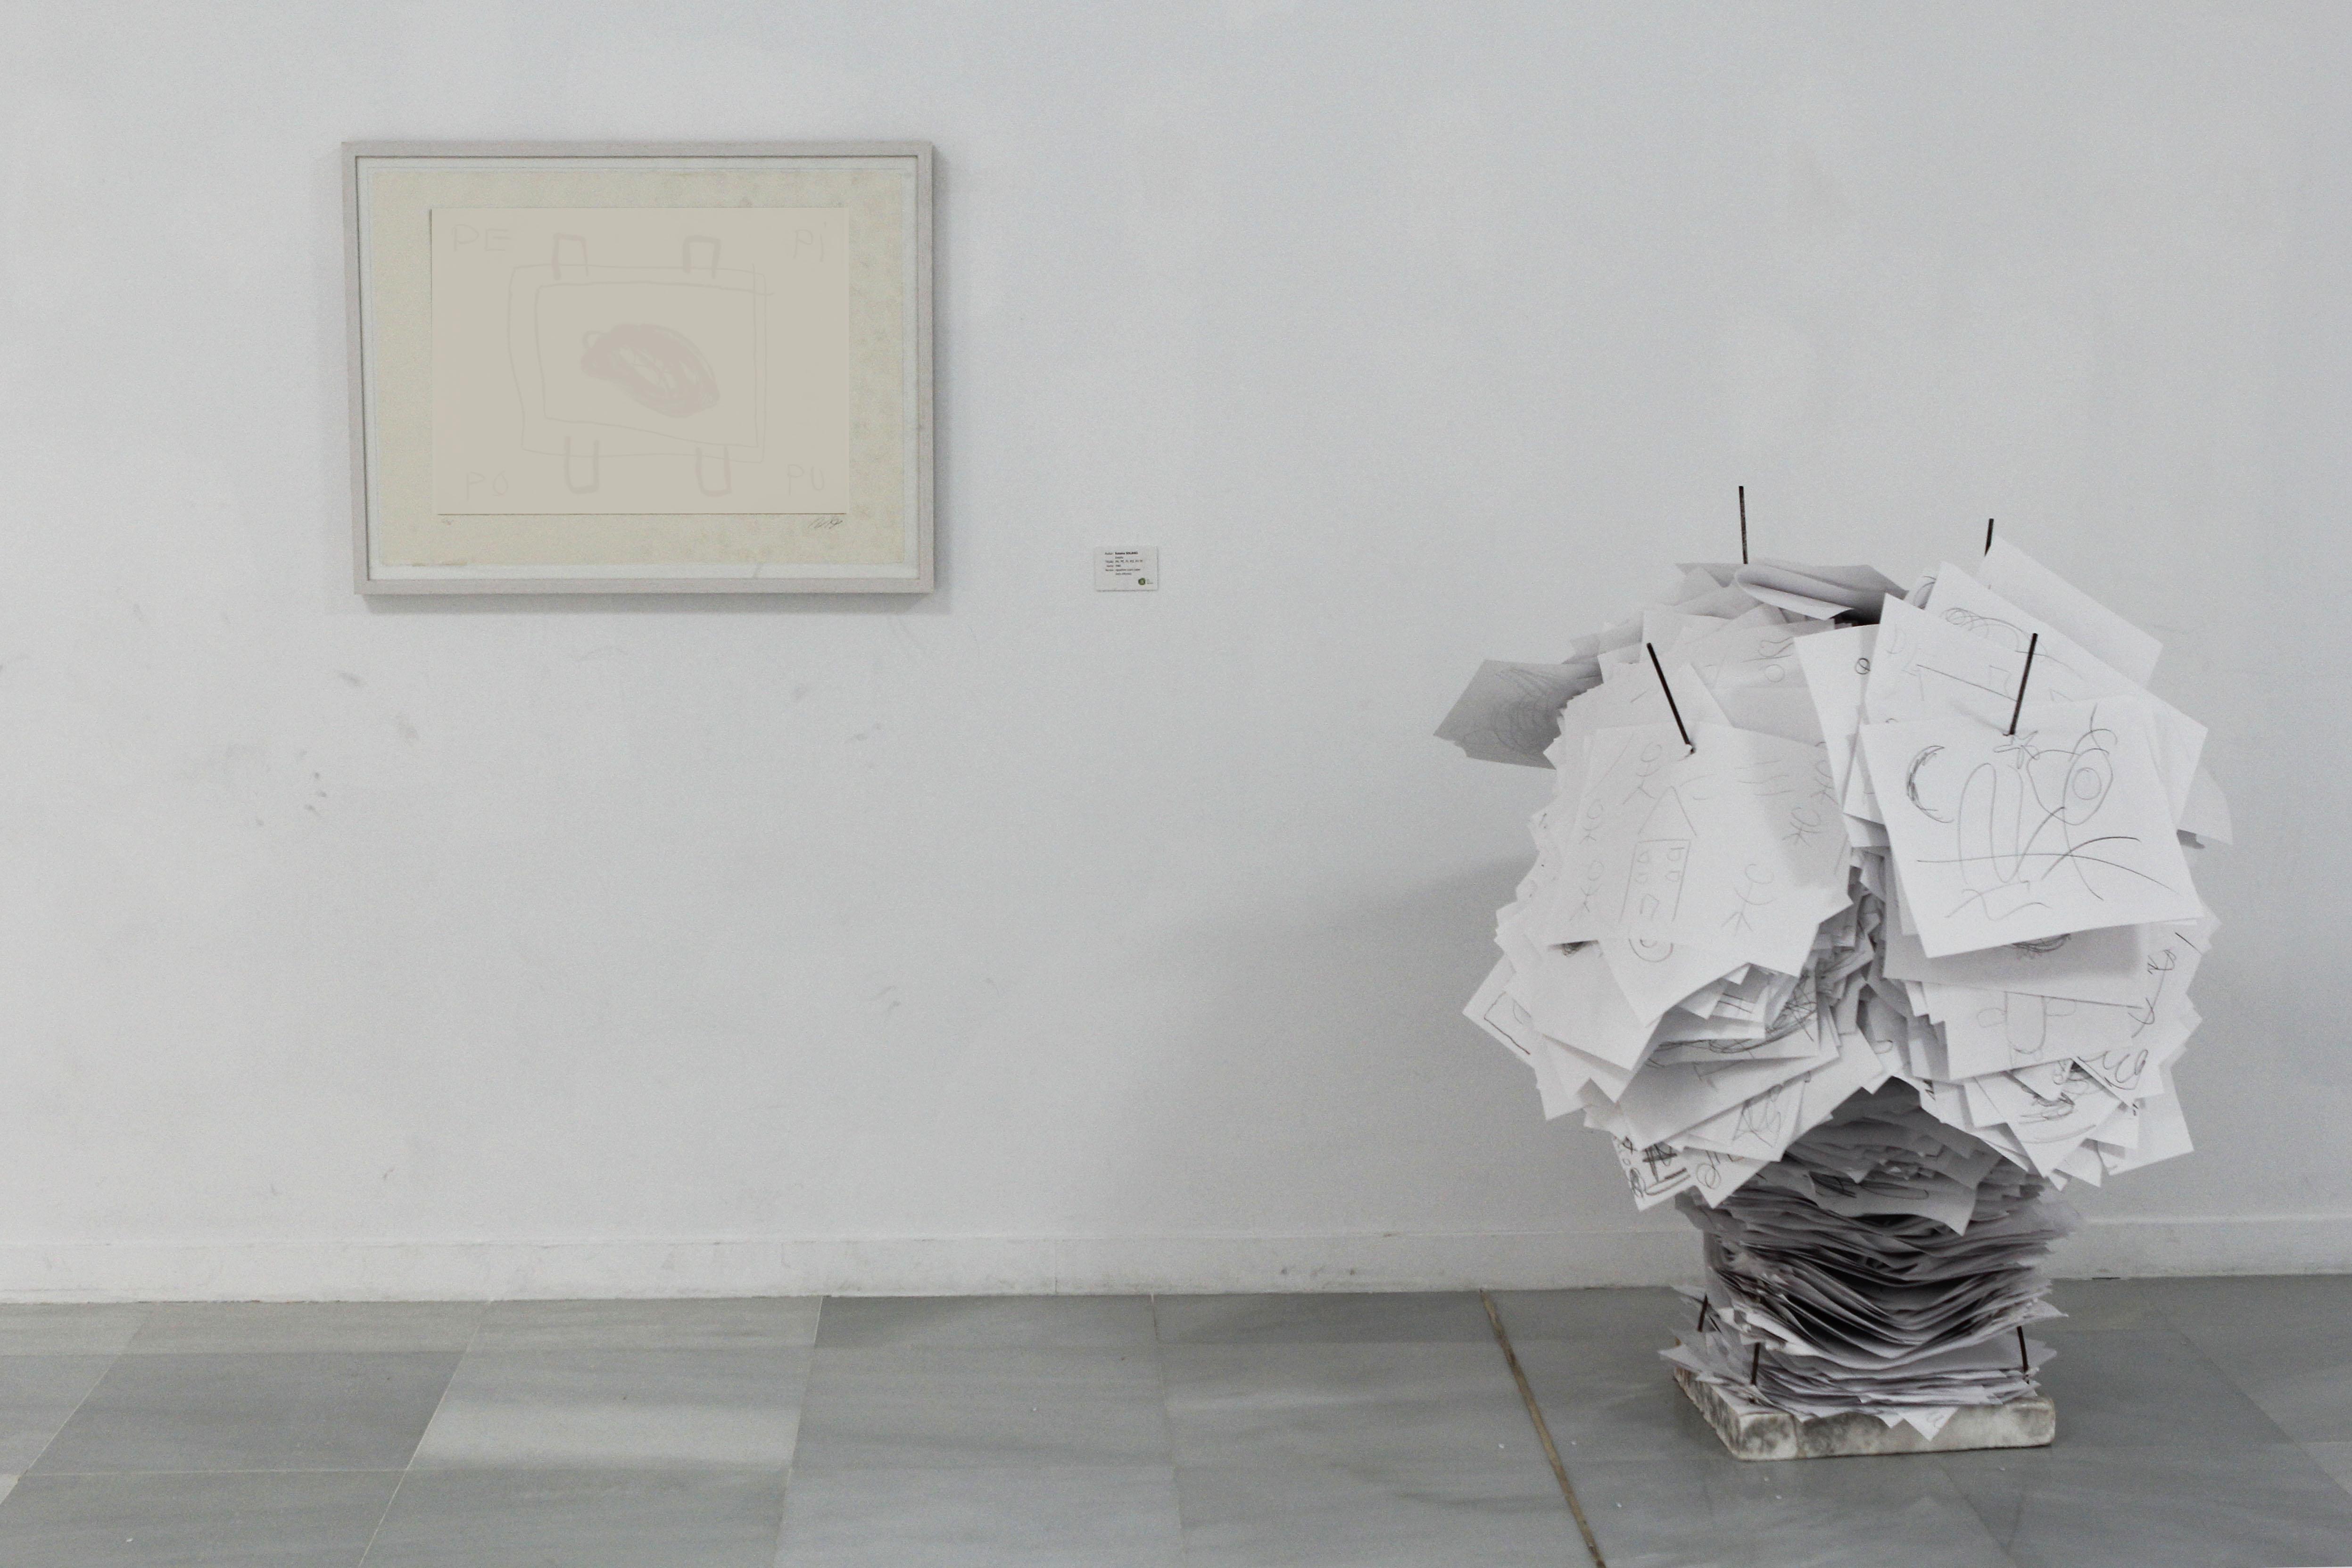 Cepeda,_Miguel_Ángel._2014._Solano_2